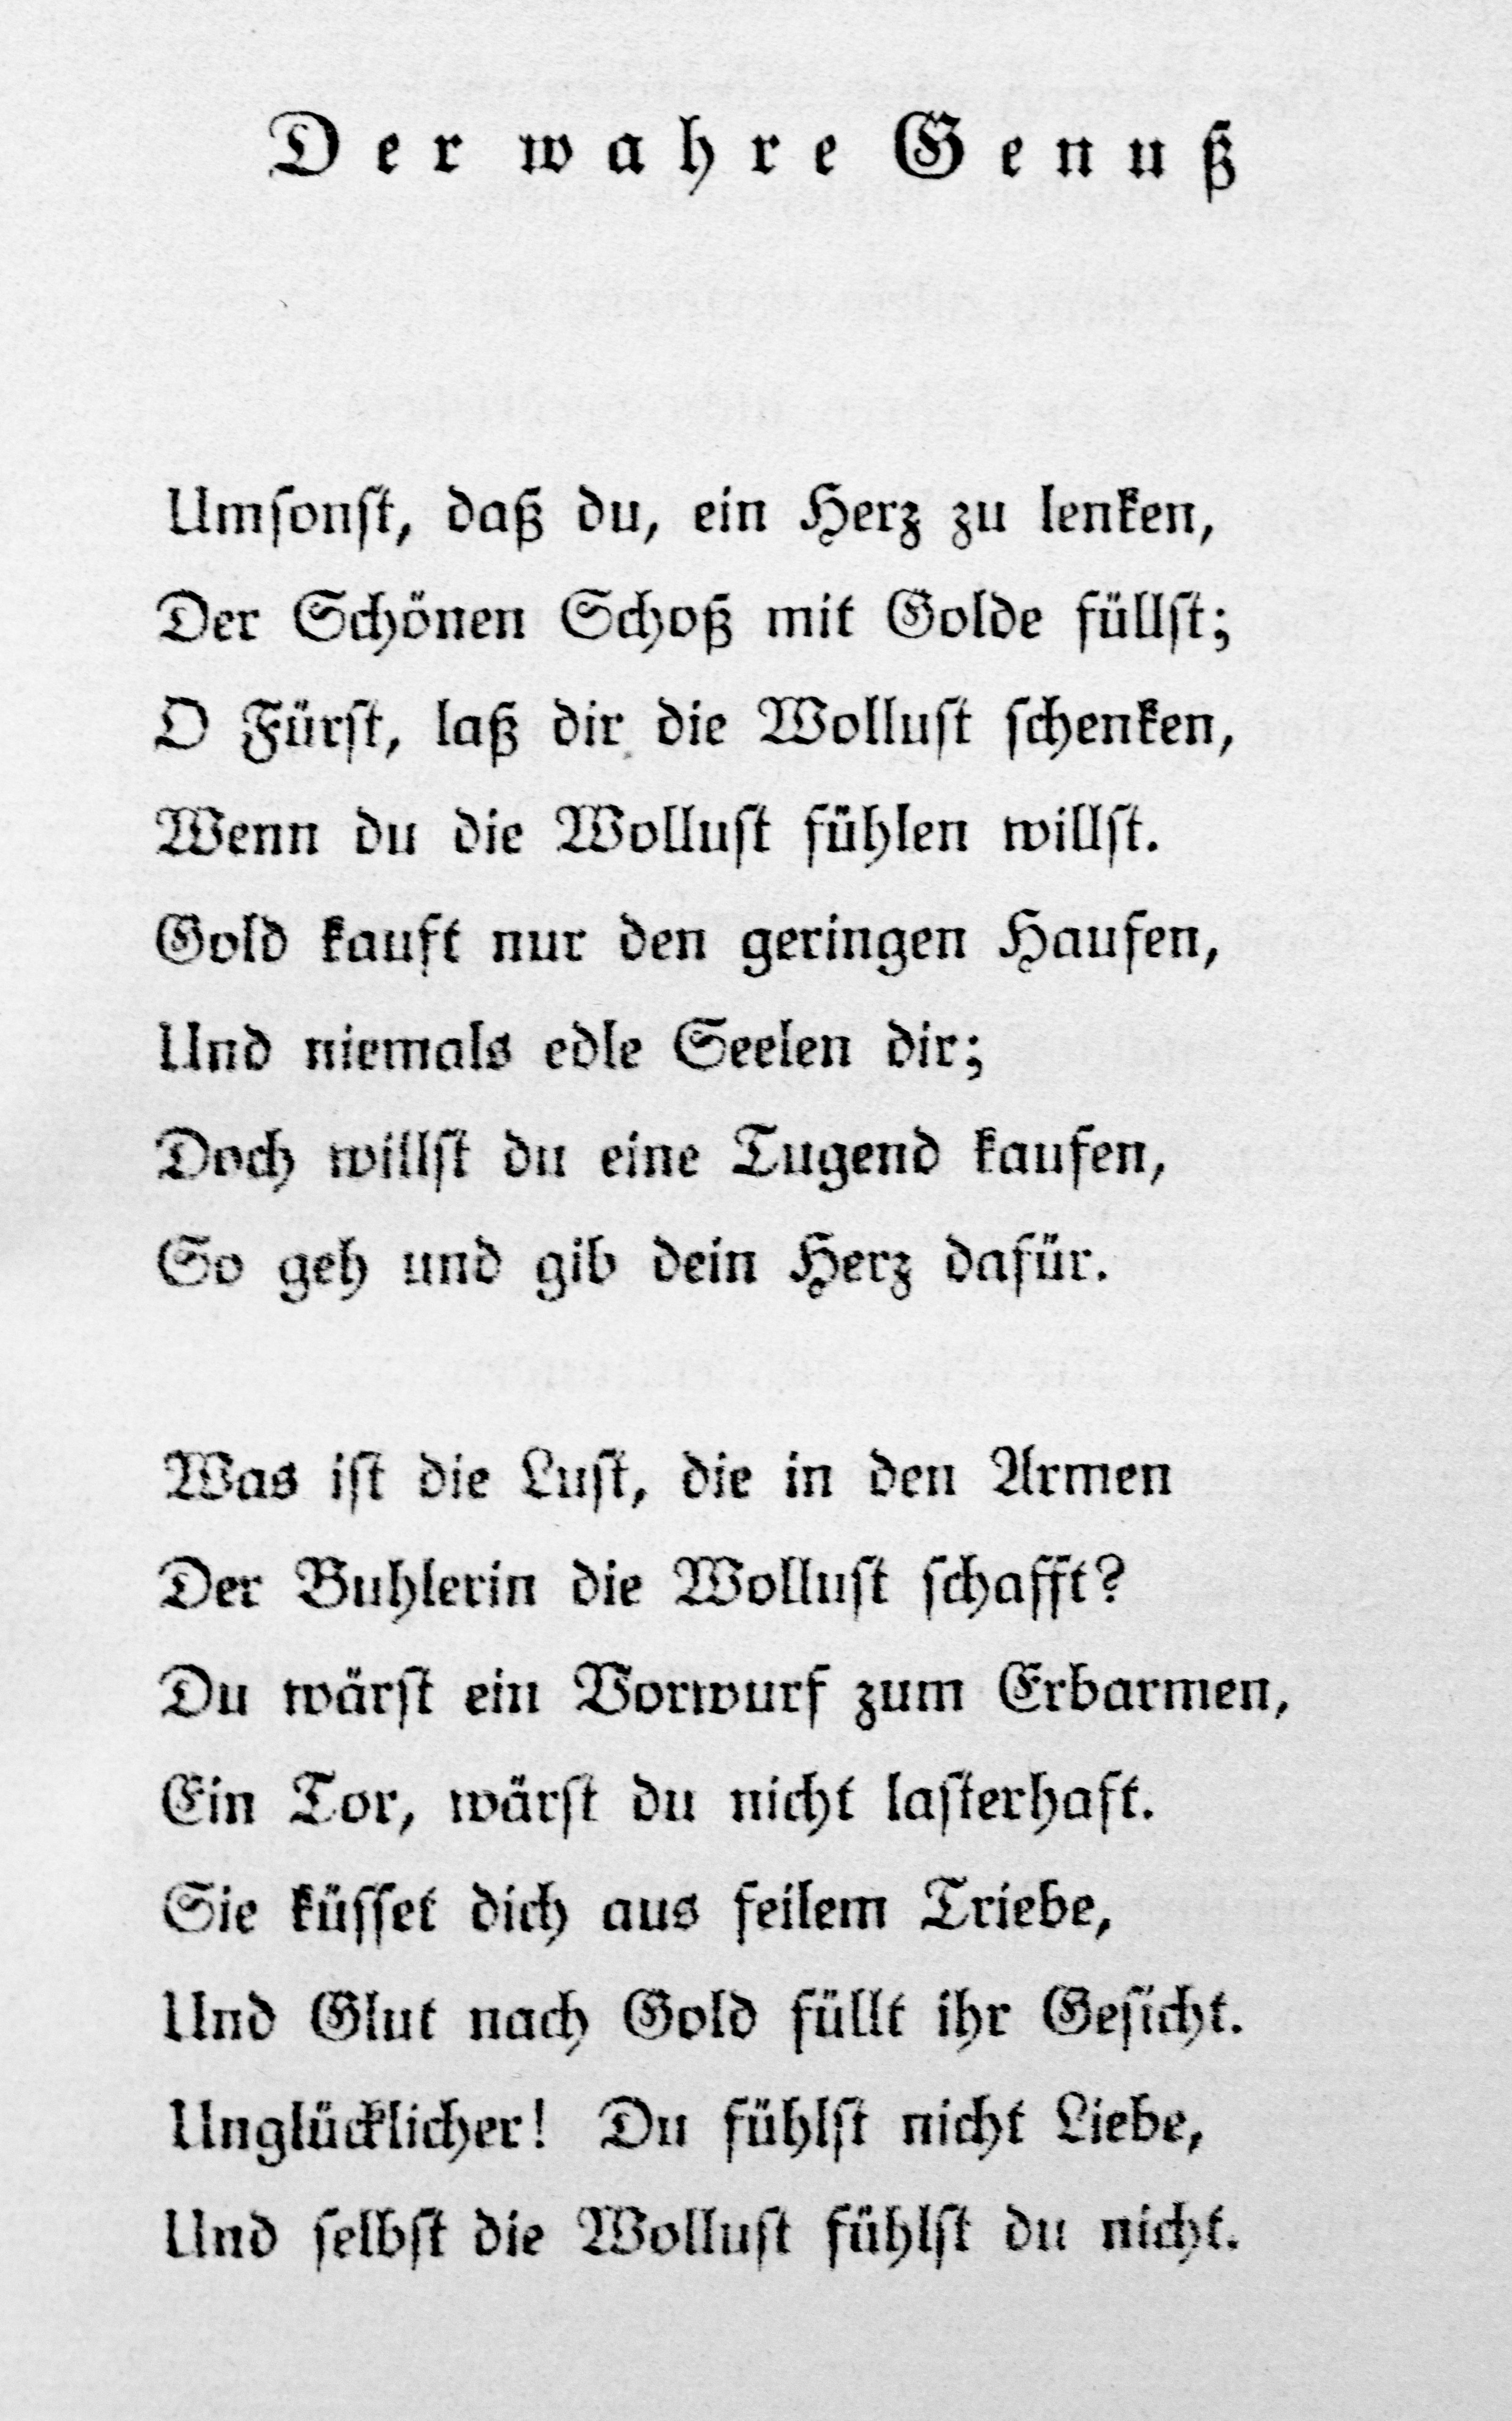 Filedeutsch Liebesgedichte Goethe 9jpg Wikimedia Commons